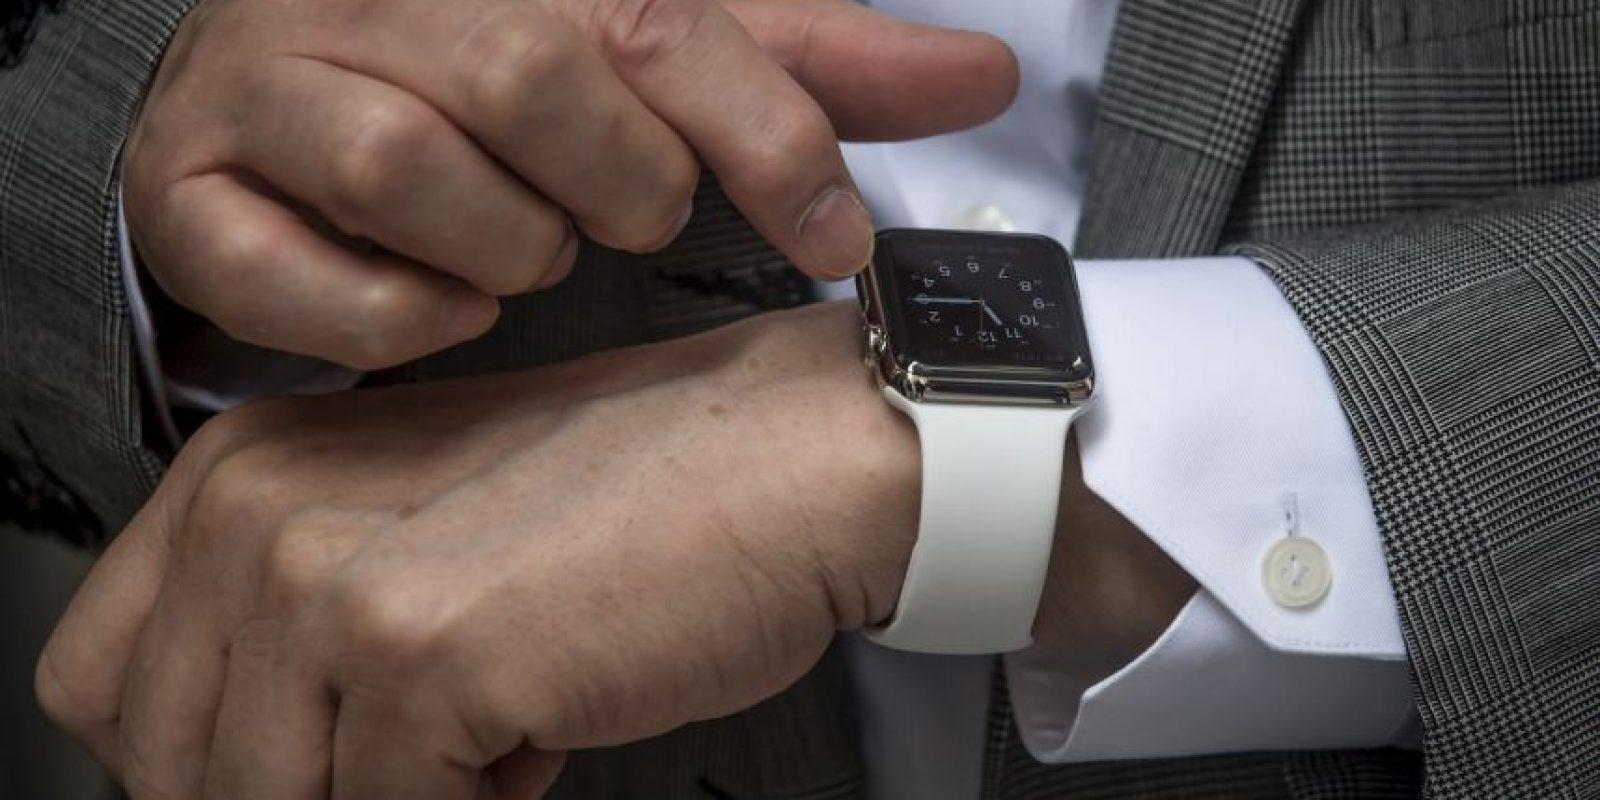 Según la fuente, los usuarios actuales reportan que la duración de la batería es suficiente para las actividades diarias, por lo que este rubro no tendrá modificaciones Foto:Getty Images